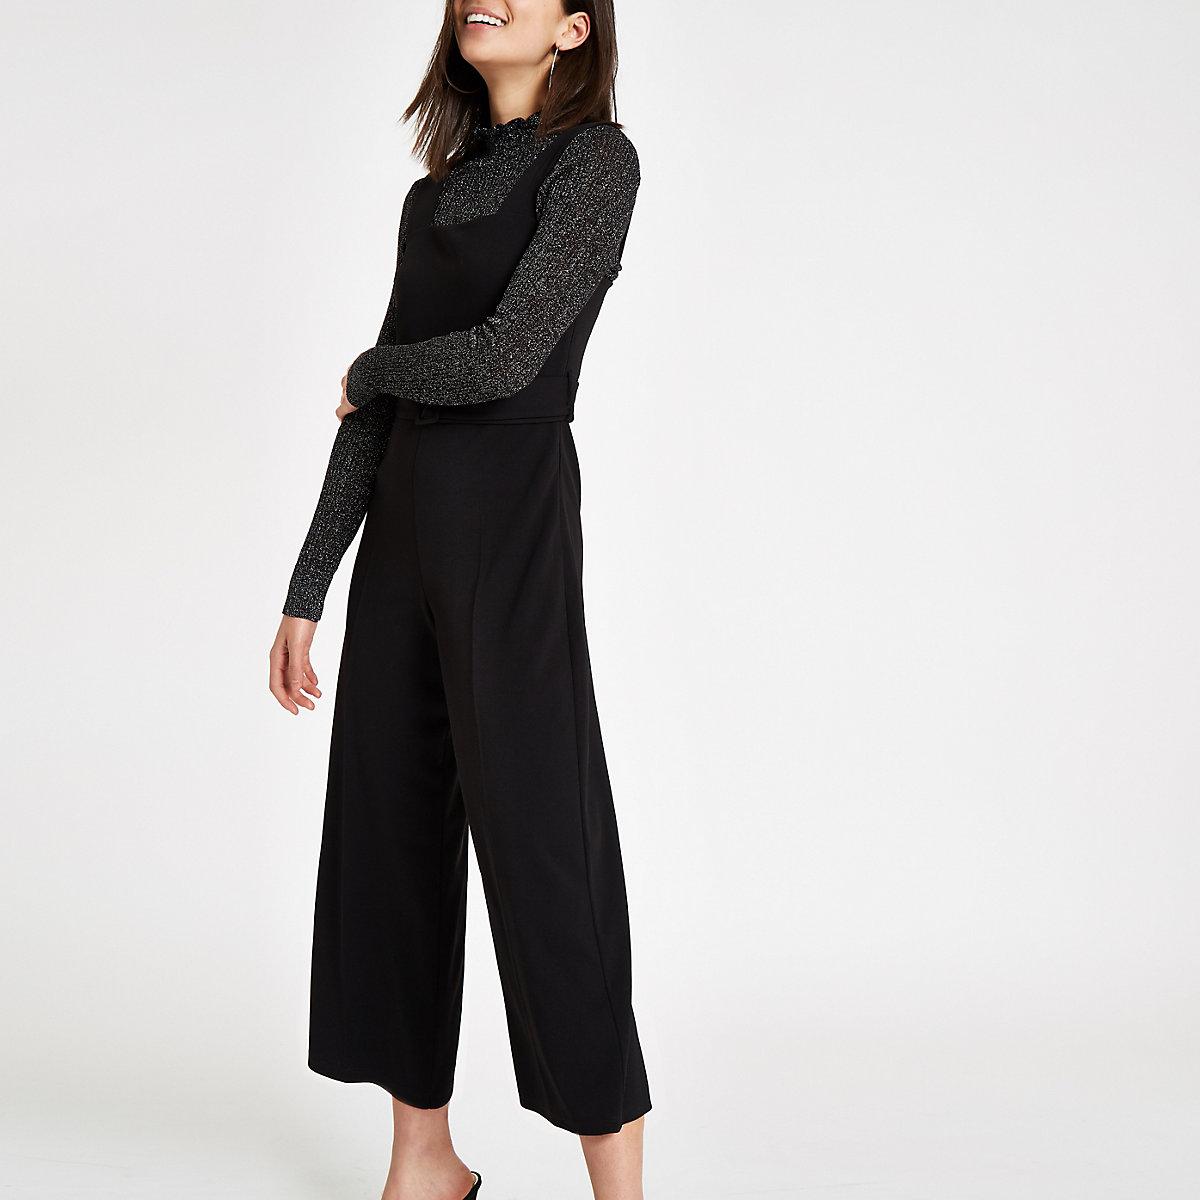 Black square neck belted wide leg jumpsuit